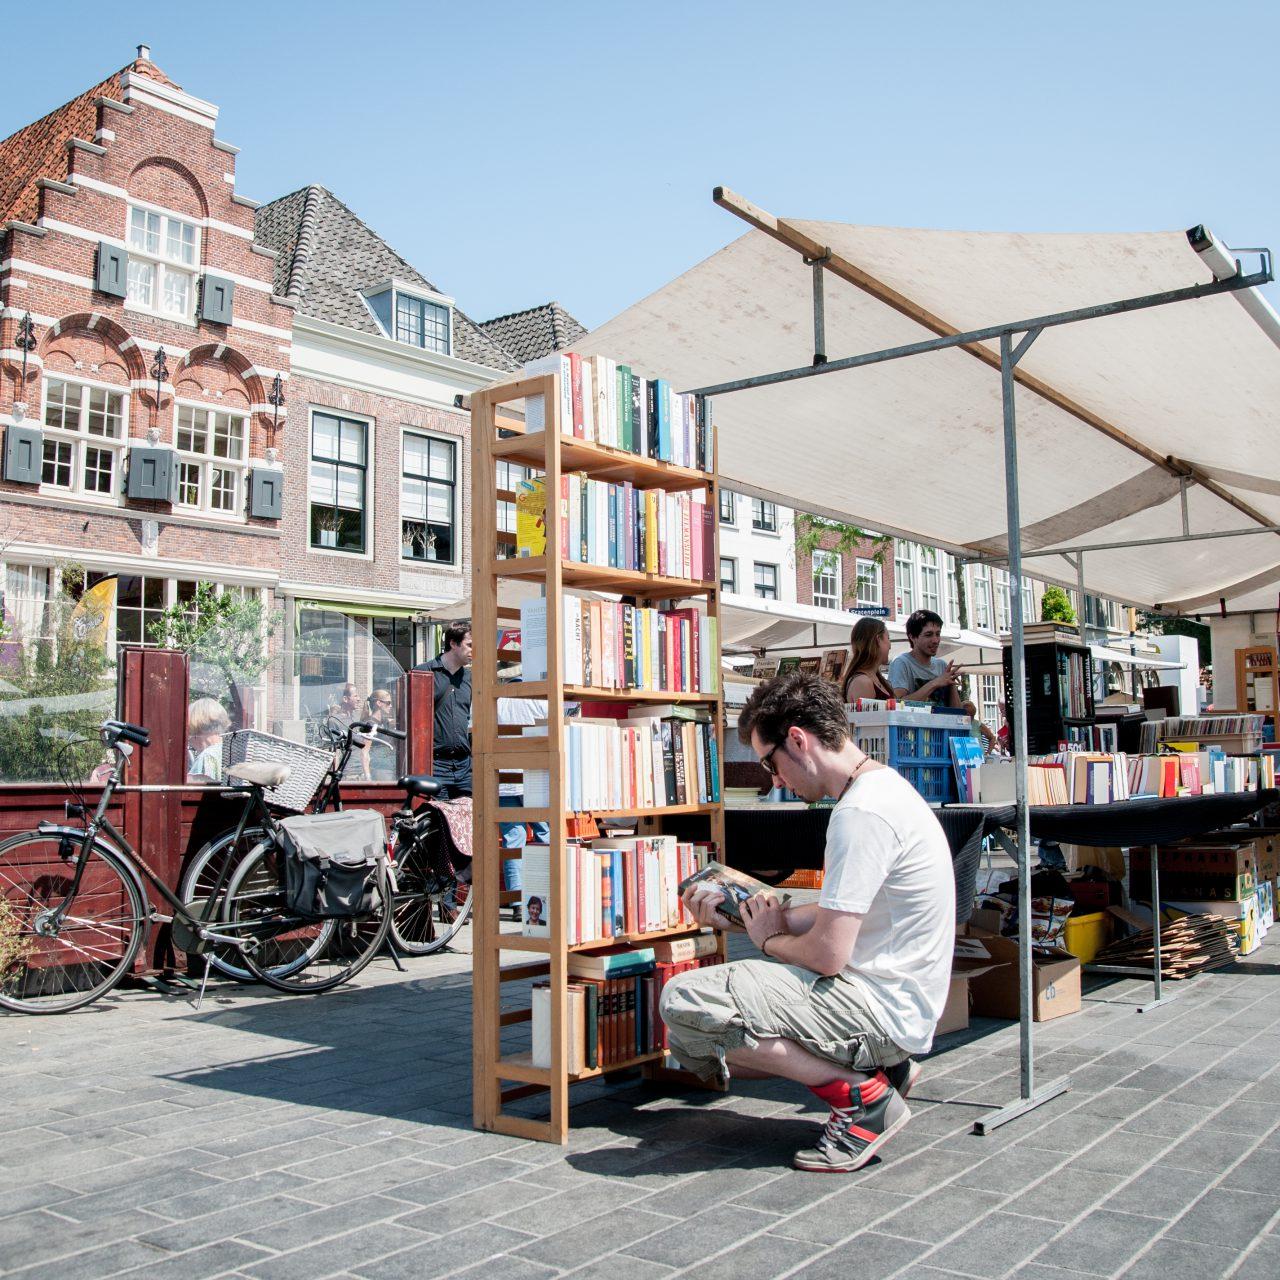 Dordtse-Boekenmarkt-Dordrecht-evenementen-Statenplein-Nieuwstraat-boeken-markt